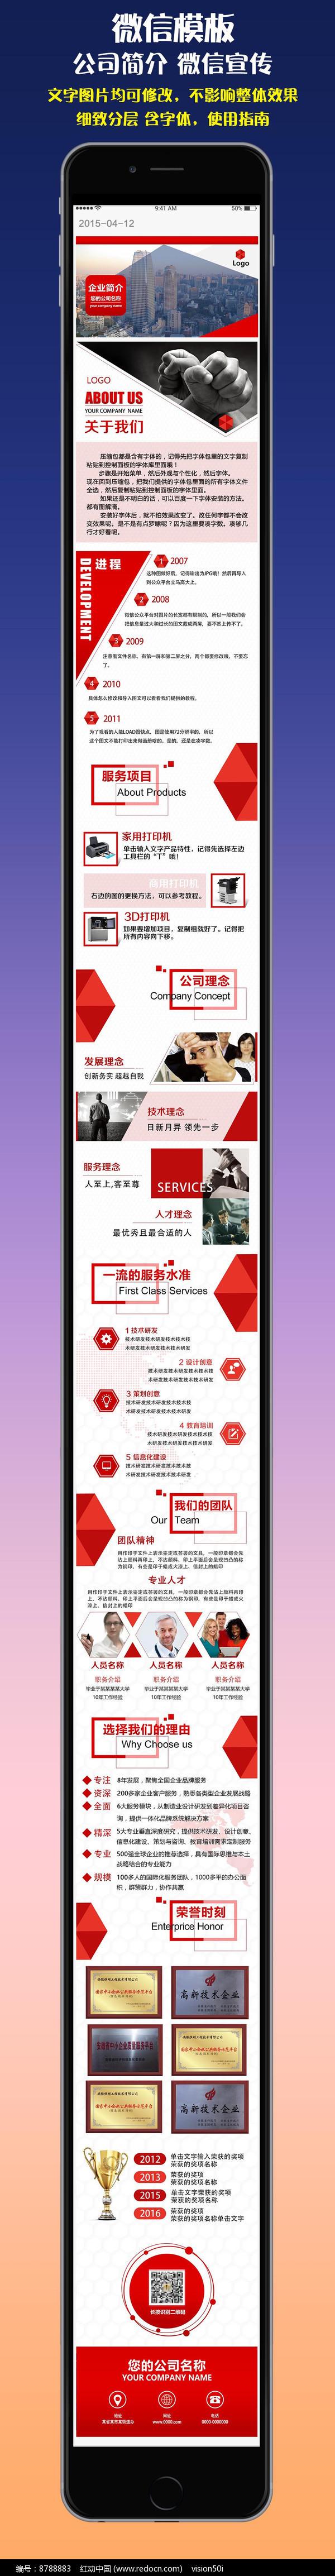 红色企业文化微信图文信息活动模板图片